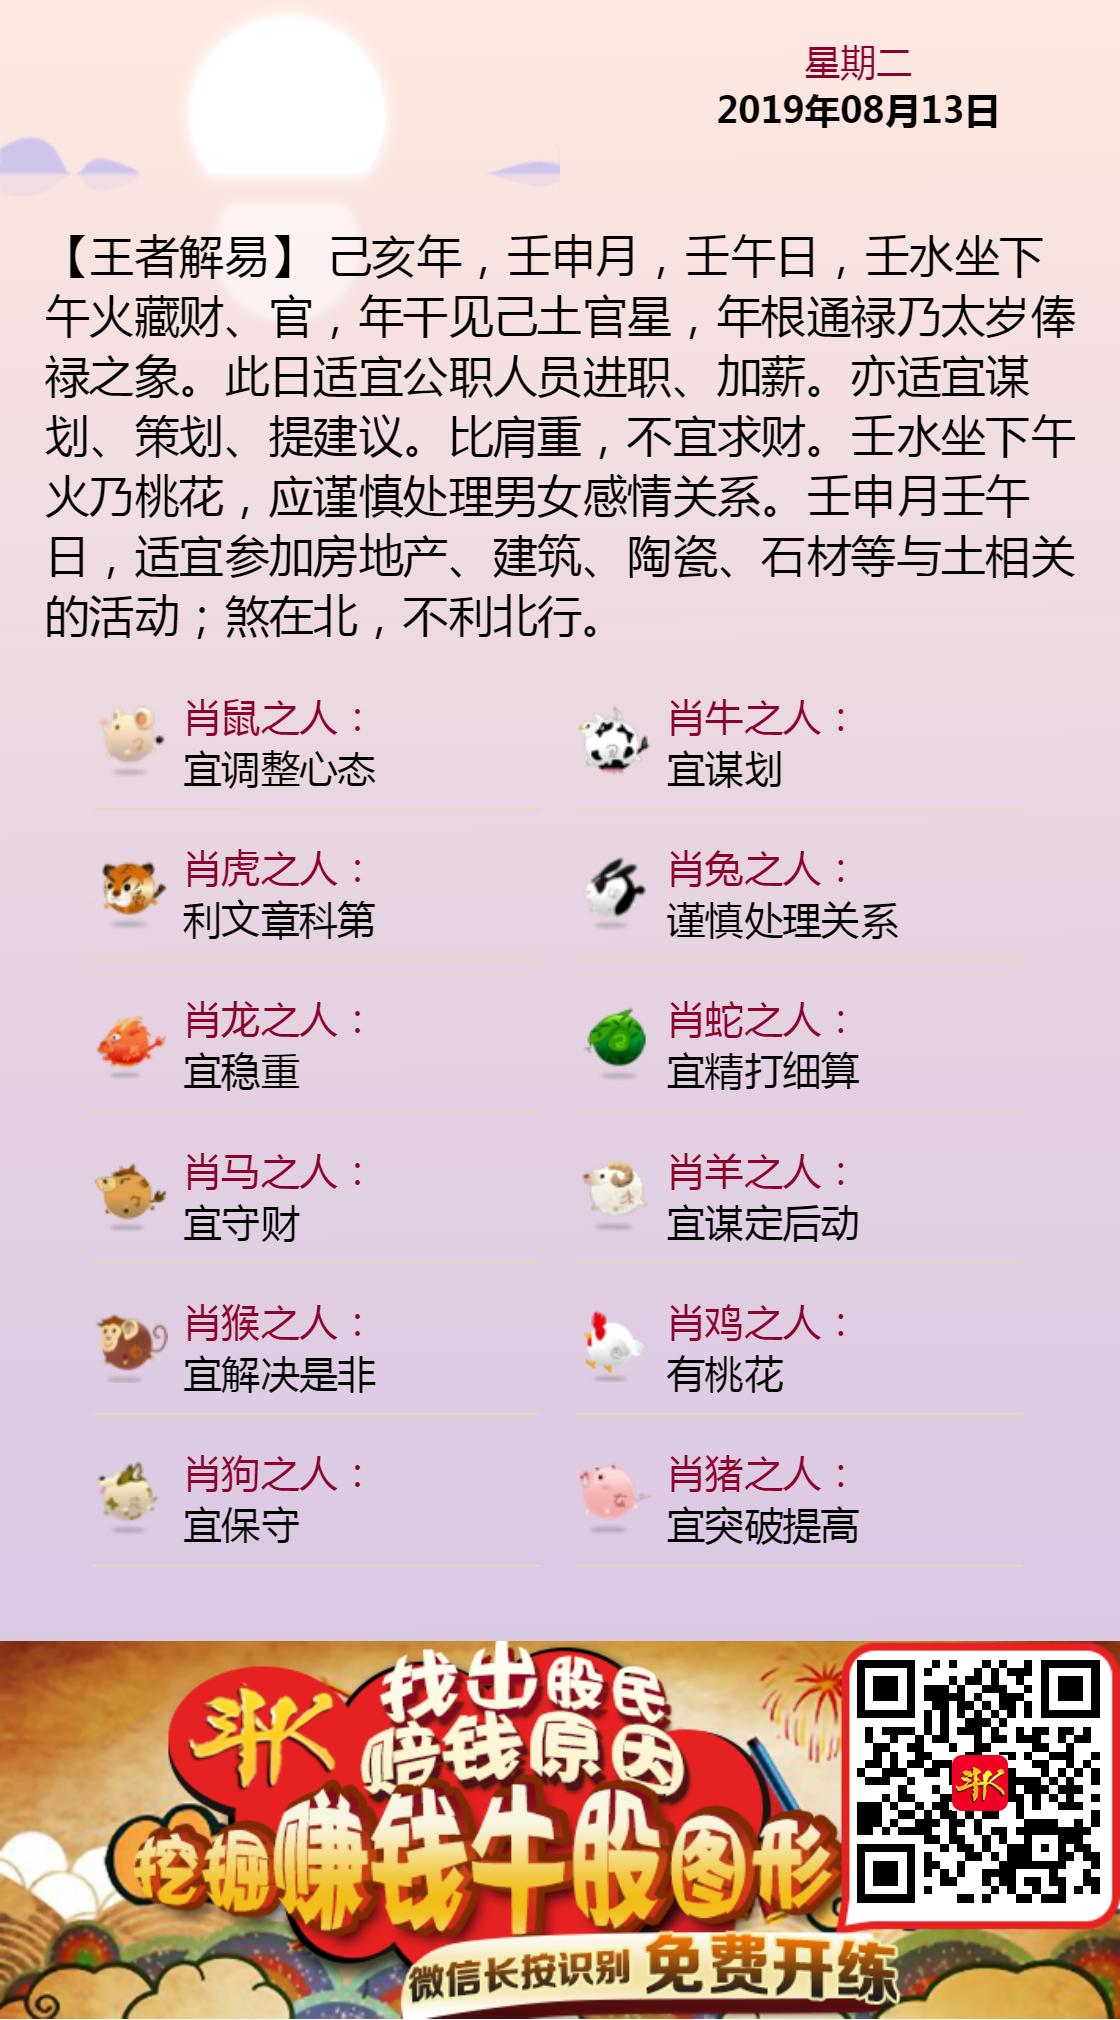 2019.8.13黄历斗K.png